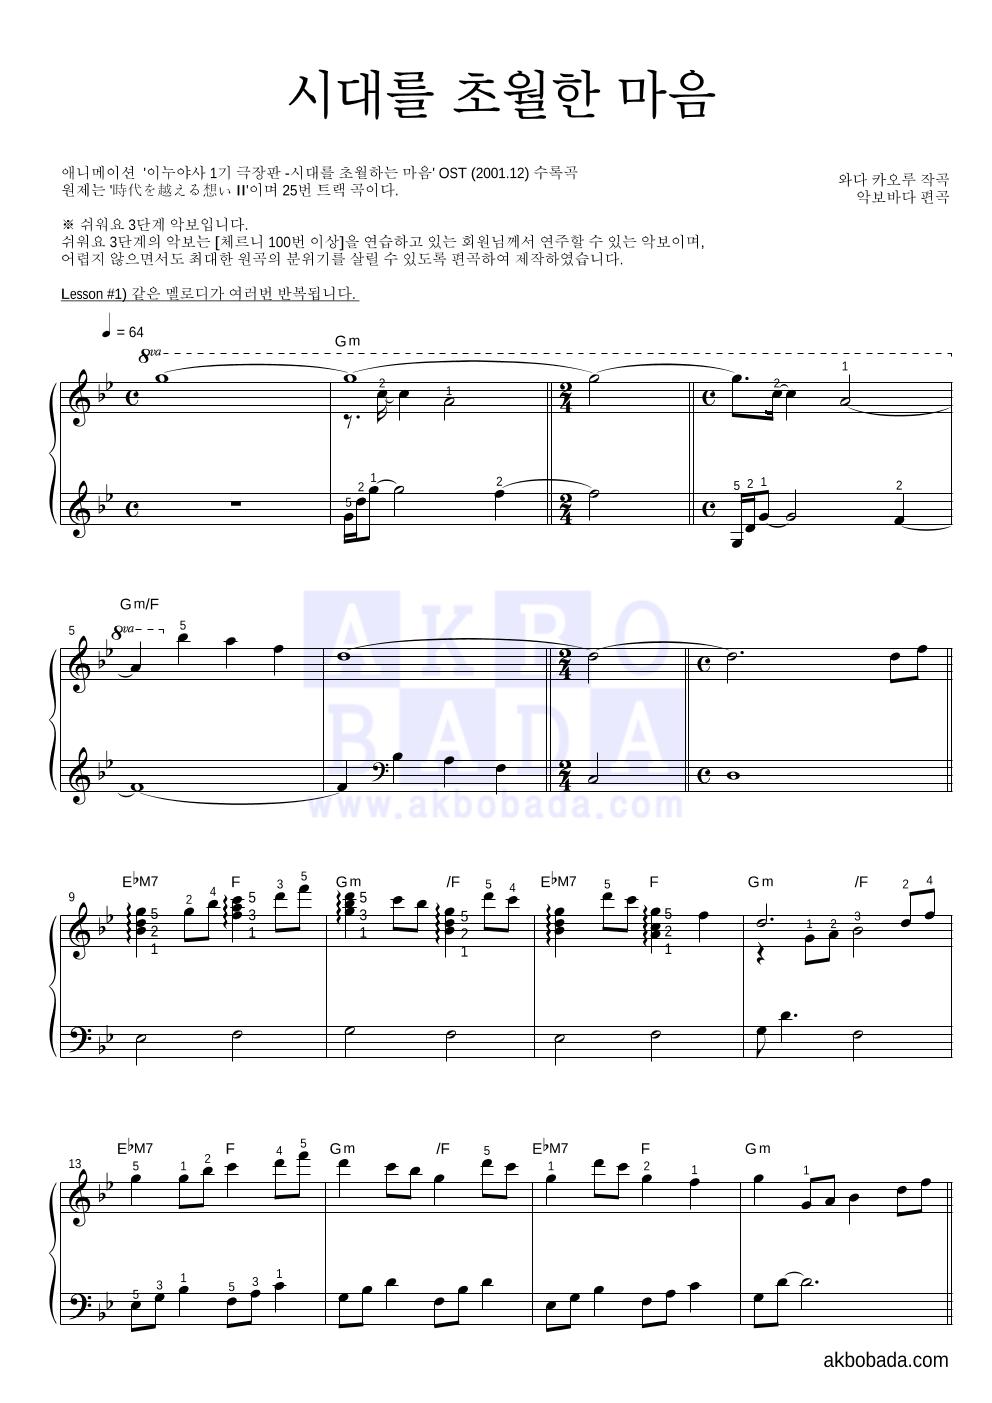 이누야사 OST - 시대를 초월한 마음 피아노2단-쉬워요 악보